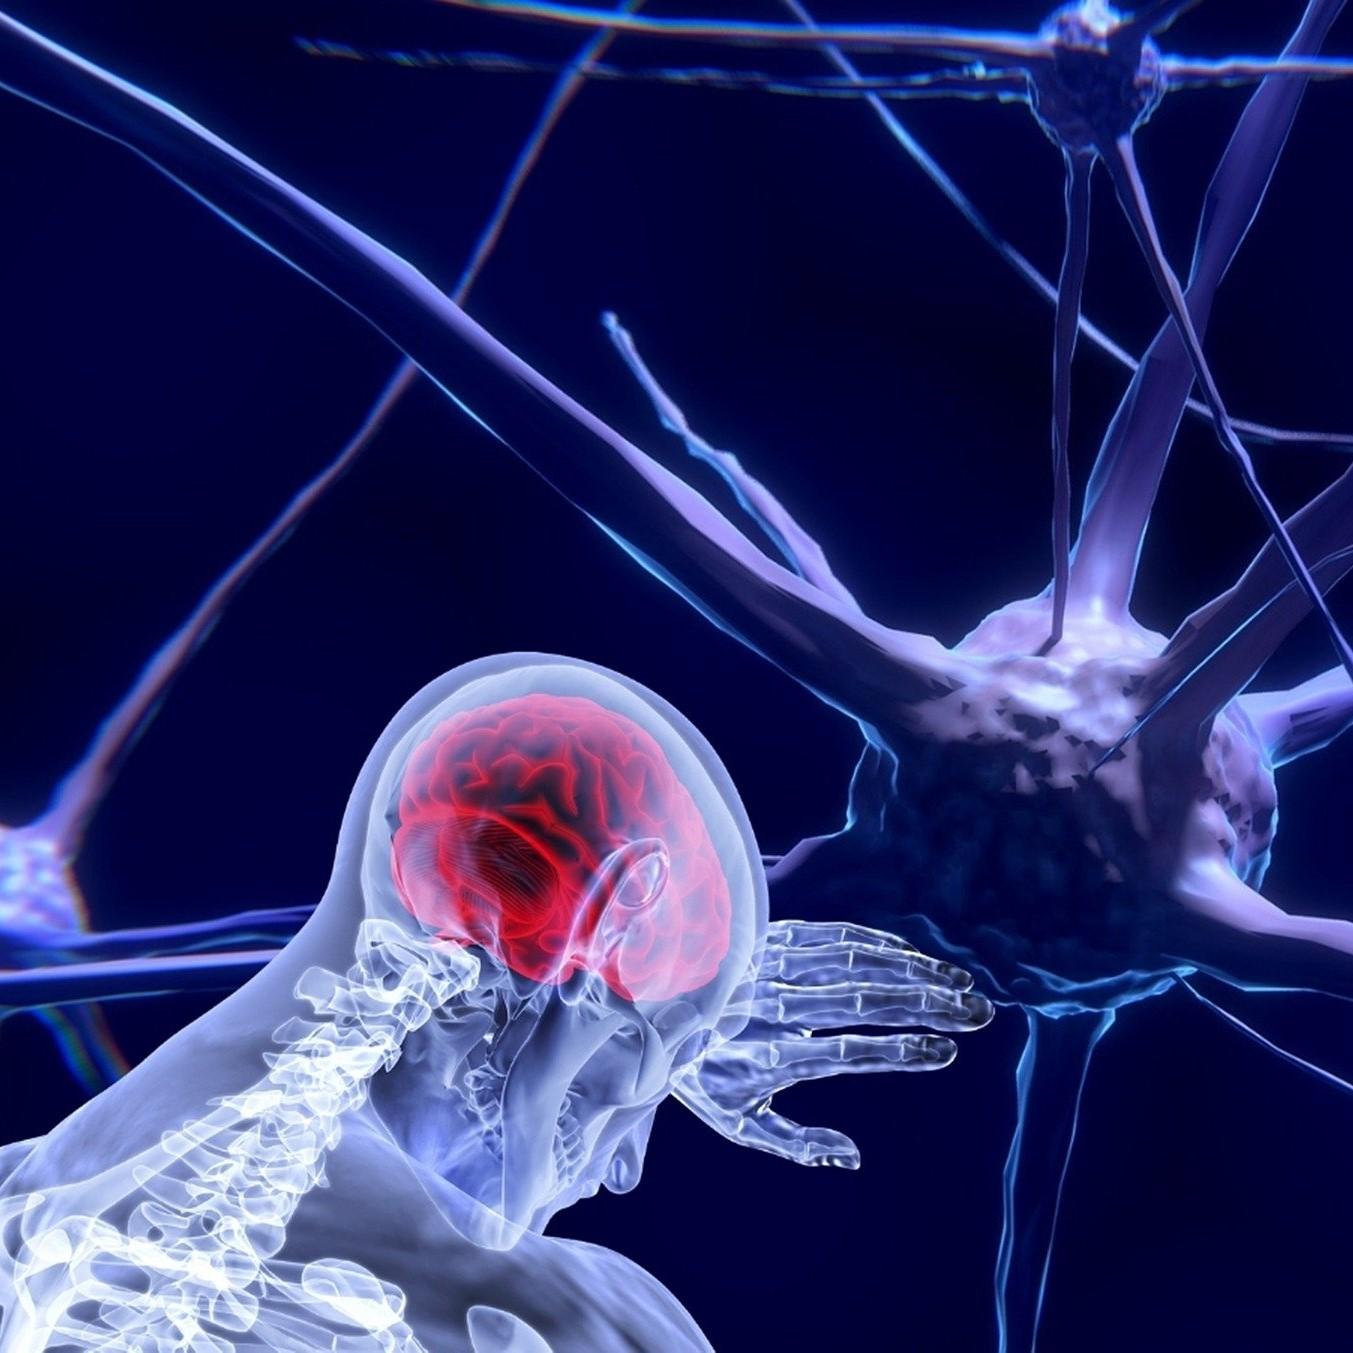 Illustration représentant un corps humain au travers duquel transparaît son organe cerebral.